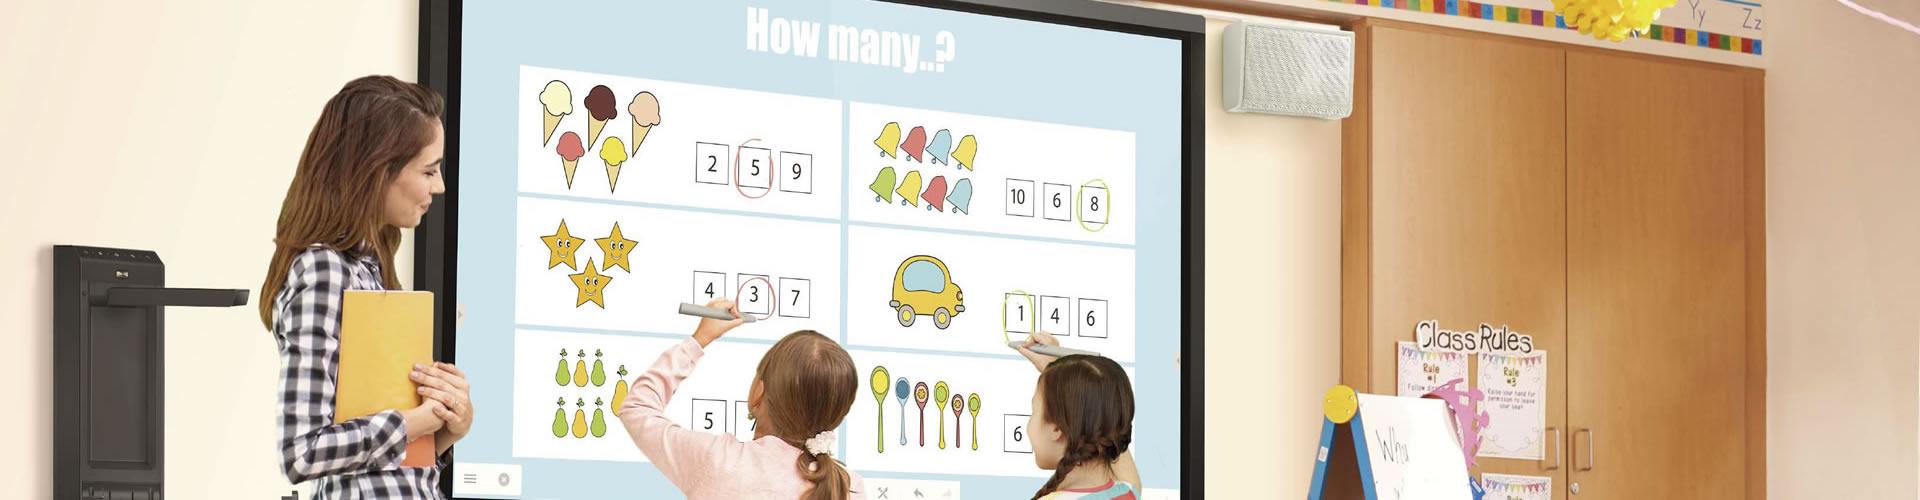 Soluciones de enseñanza interactiva para Educación de primaria y secundaria